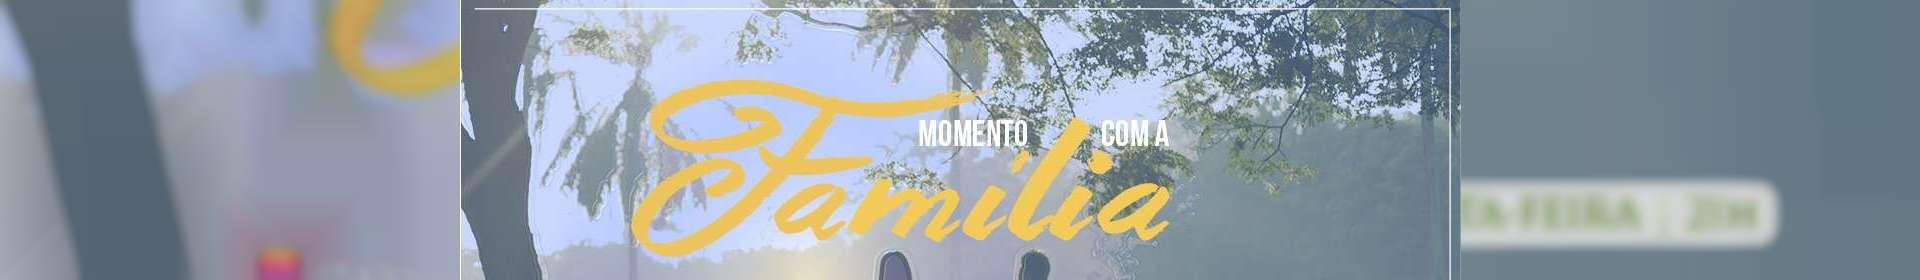 Momento com a Família - 06/09/2019